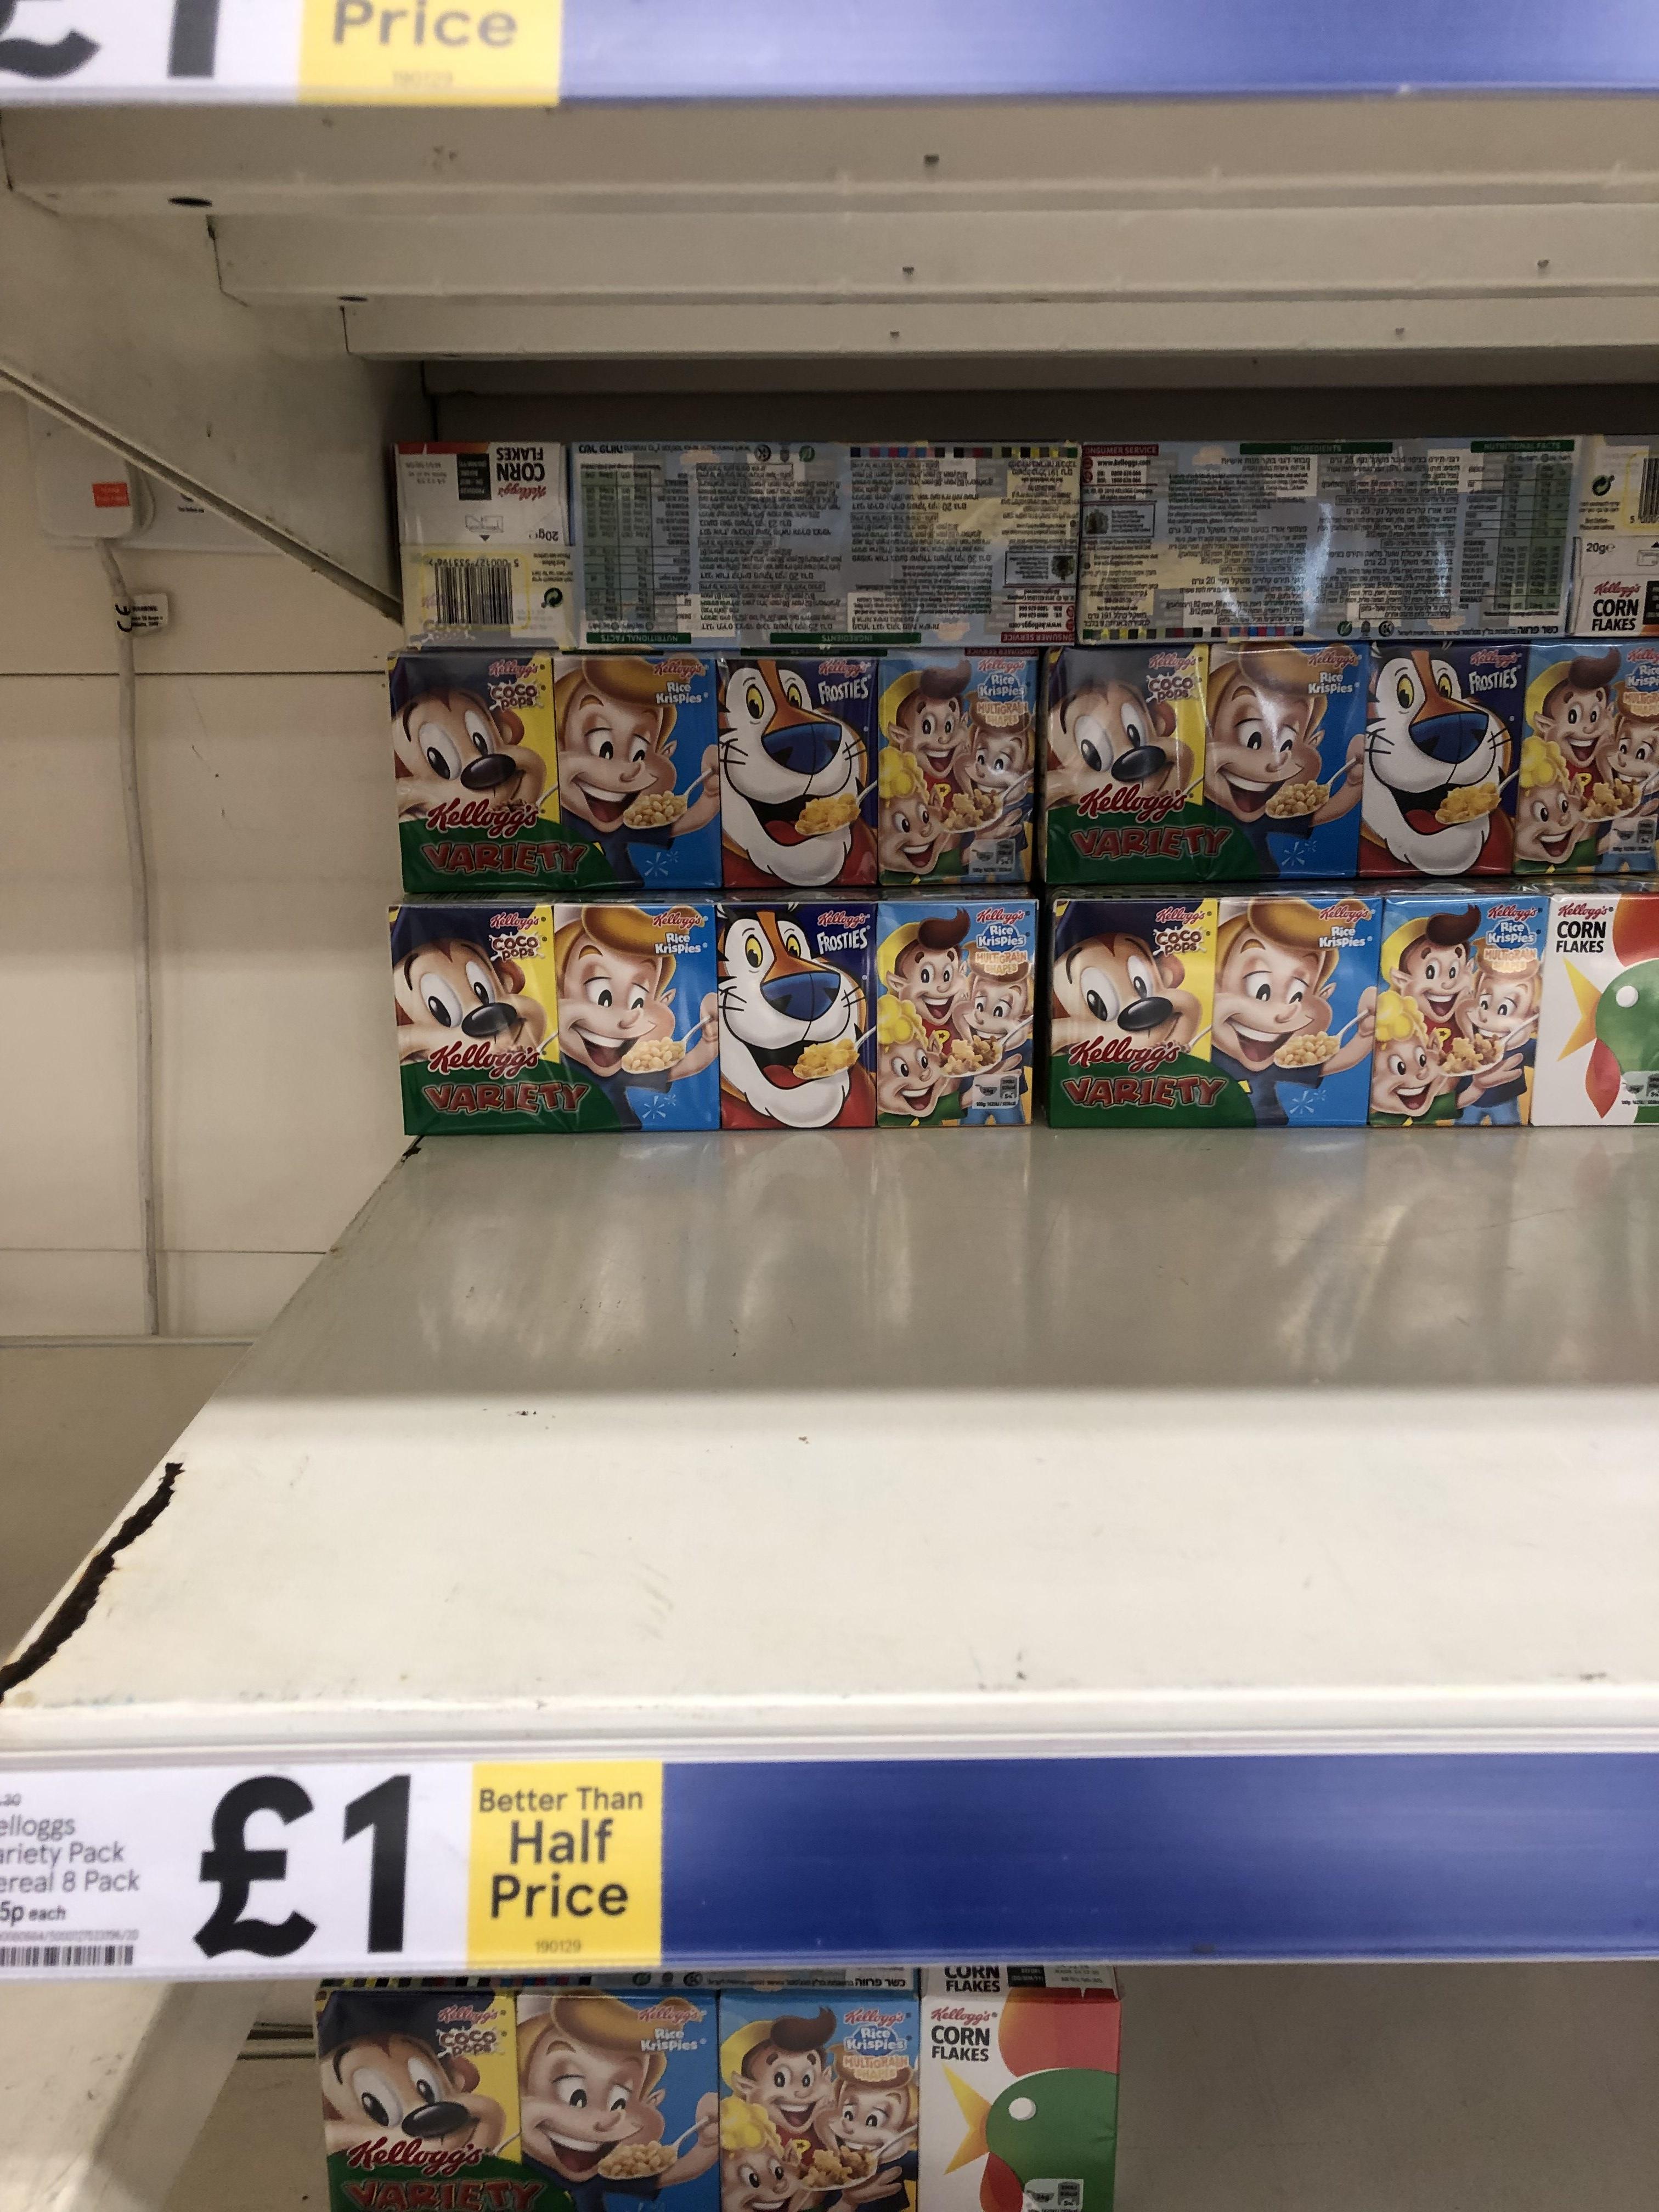 Kellogg's Variety Pack of 8 @ Tesco £1